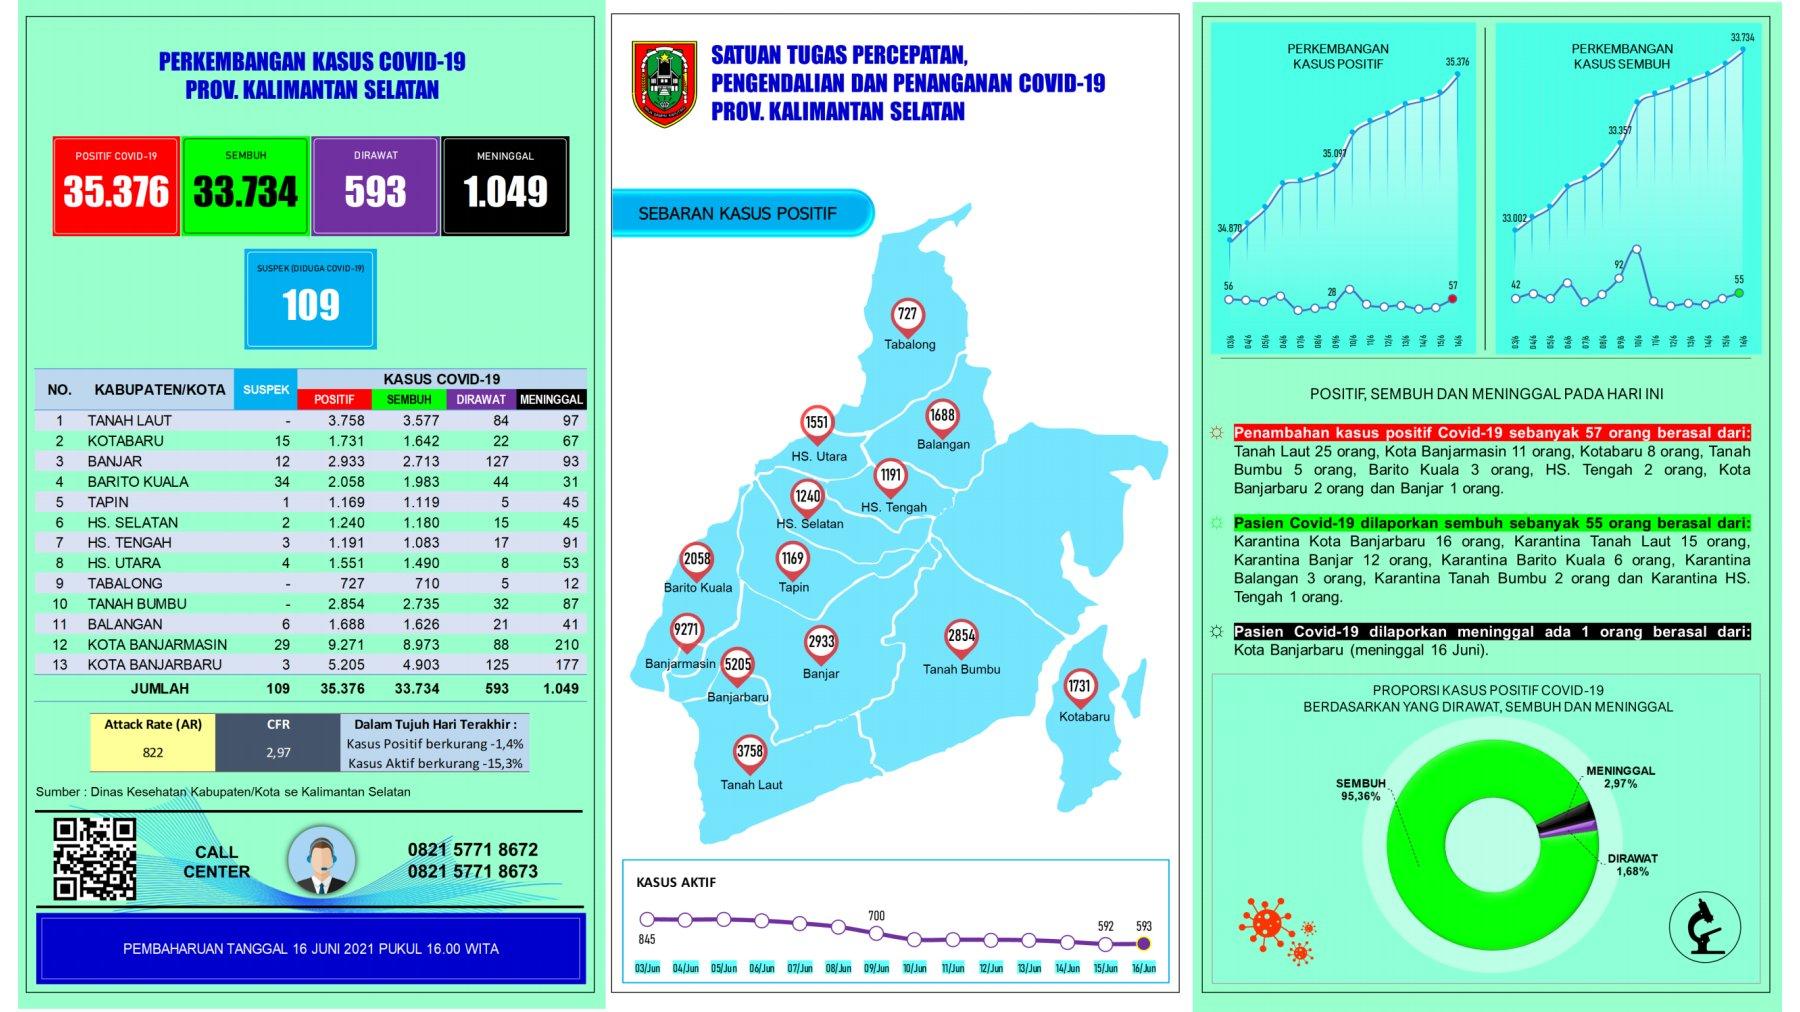 Informasi Terbaru Covid 19 di Kalimantan Selatan Rabu16 Juni 2021